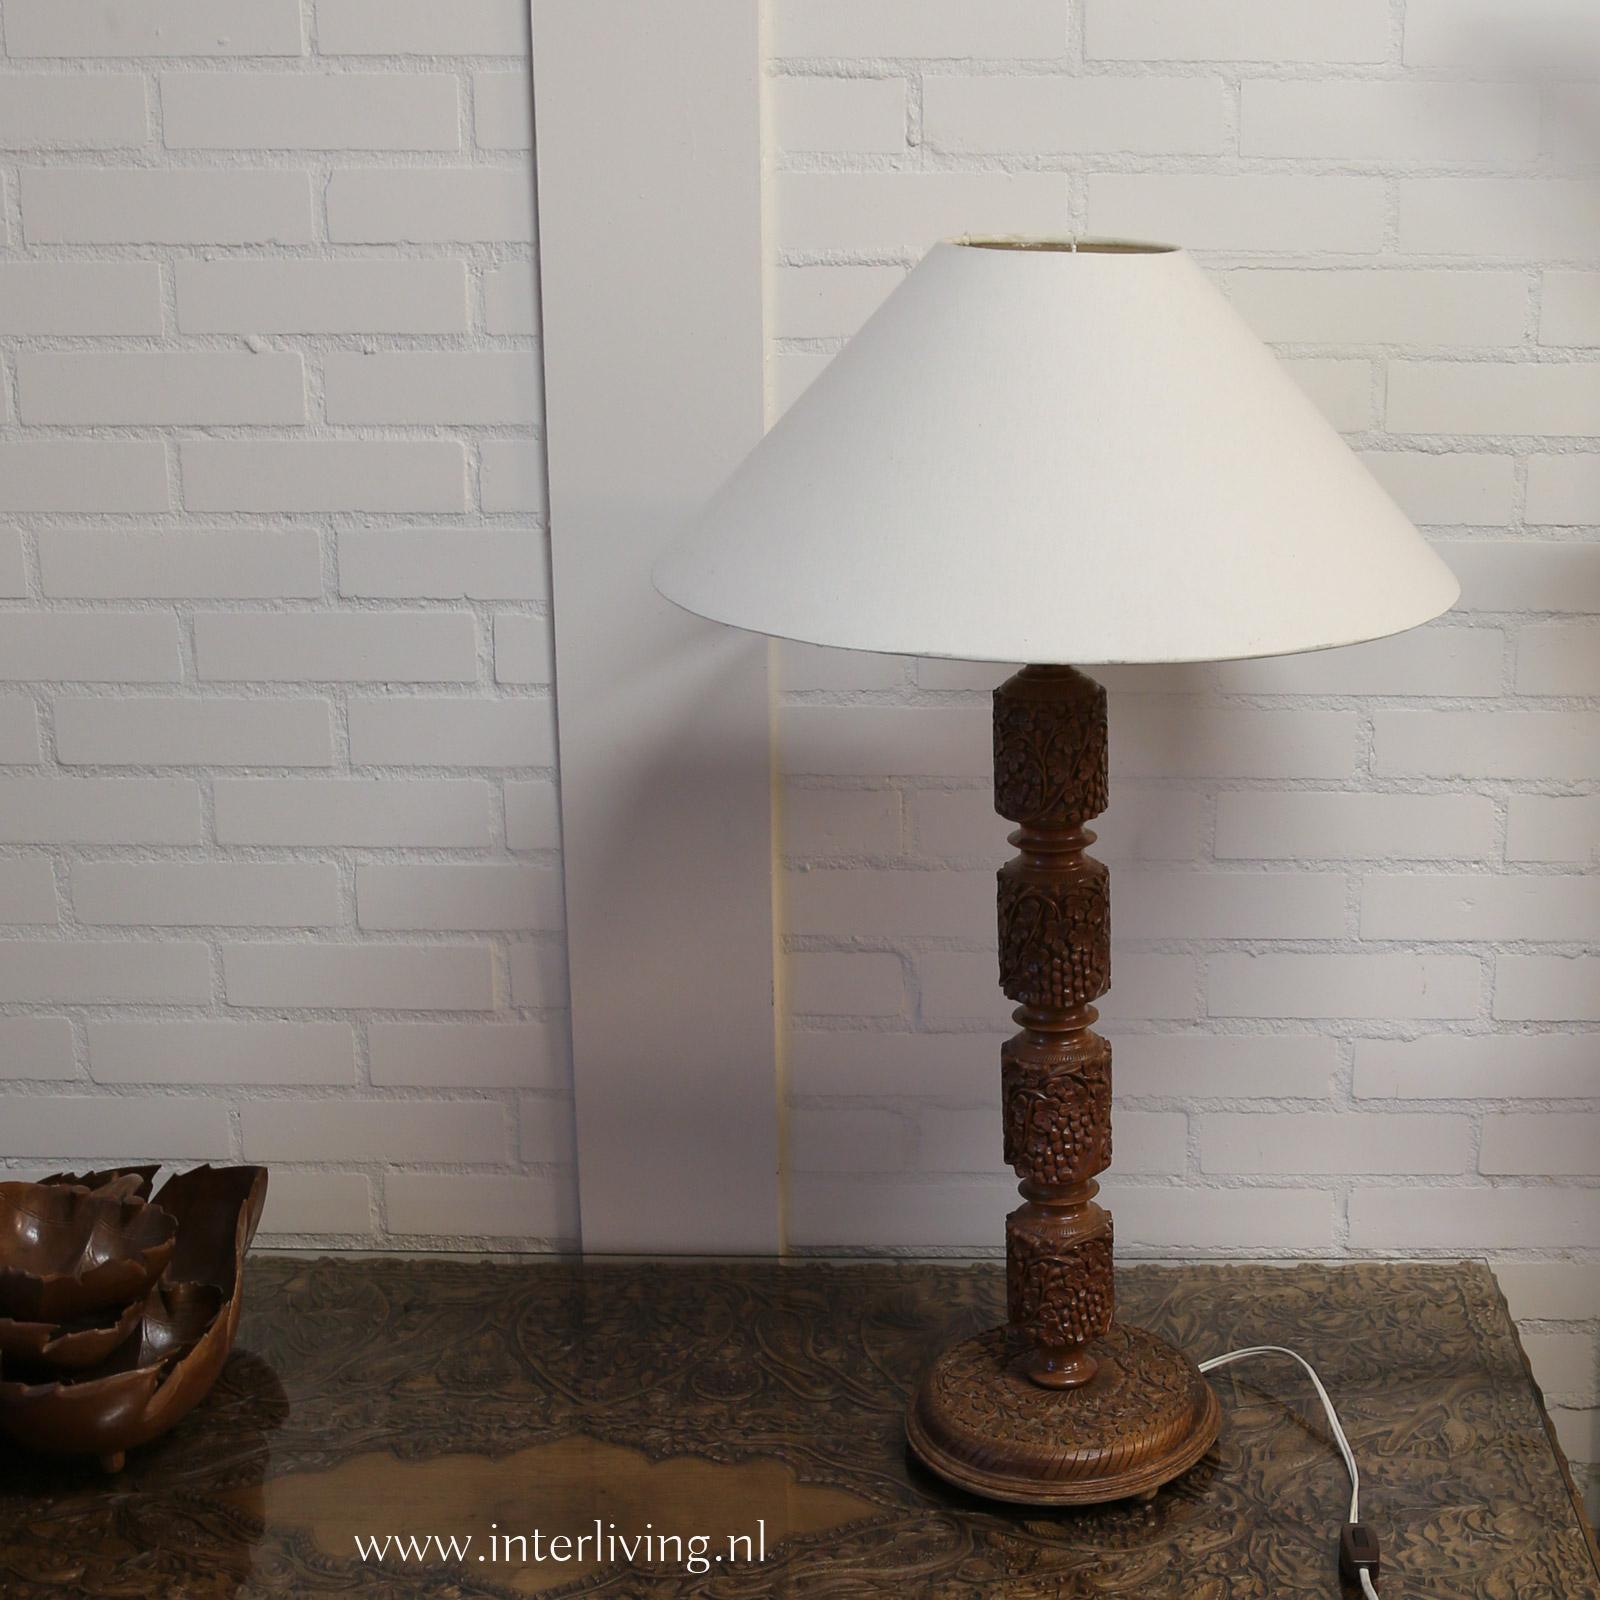 landelijke tafellamp hout - boho stijl -bruin walnotenhout met houtsnijwerk - styling voor Ibiza huis